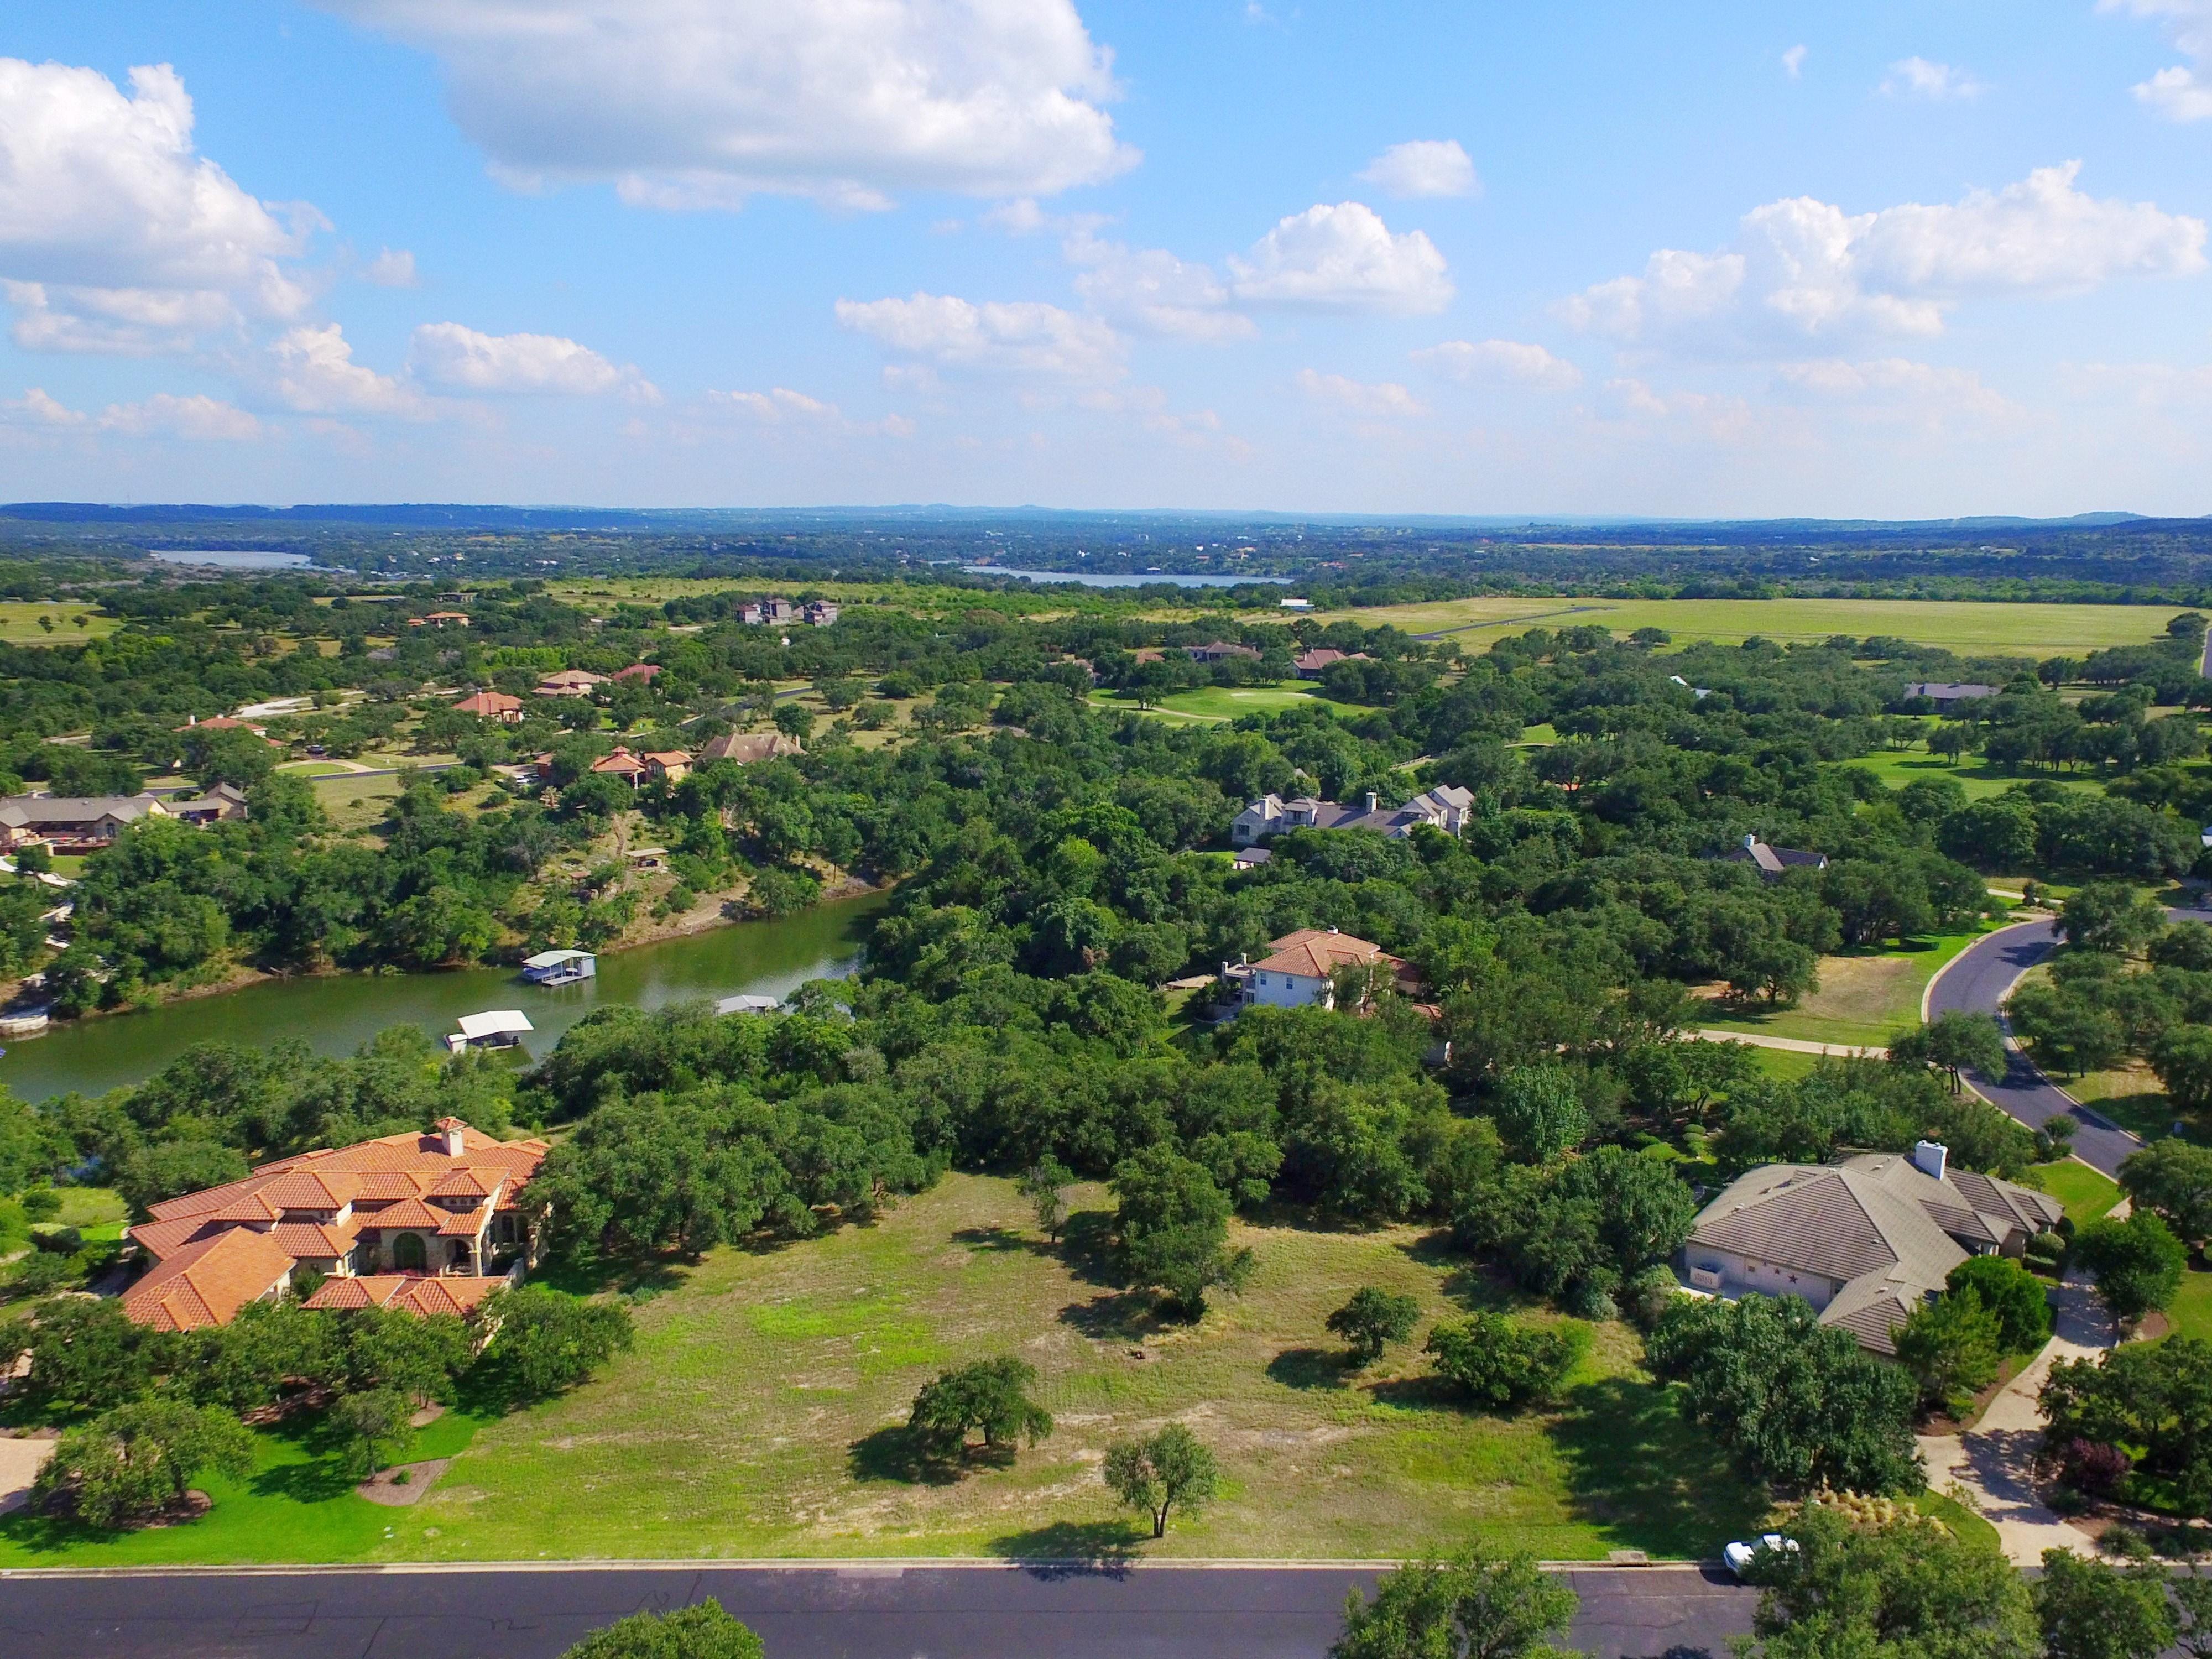 Terreno por un Venta en The Perfect Land for the Perfect Home 26205 Countryside Dr Spicewood, Texas 78669 Estados Unidos